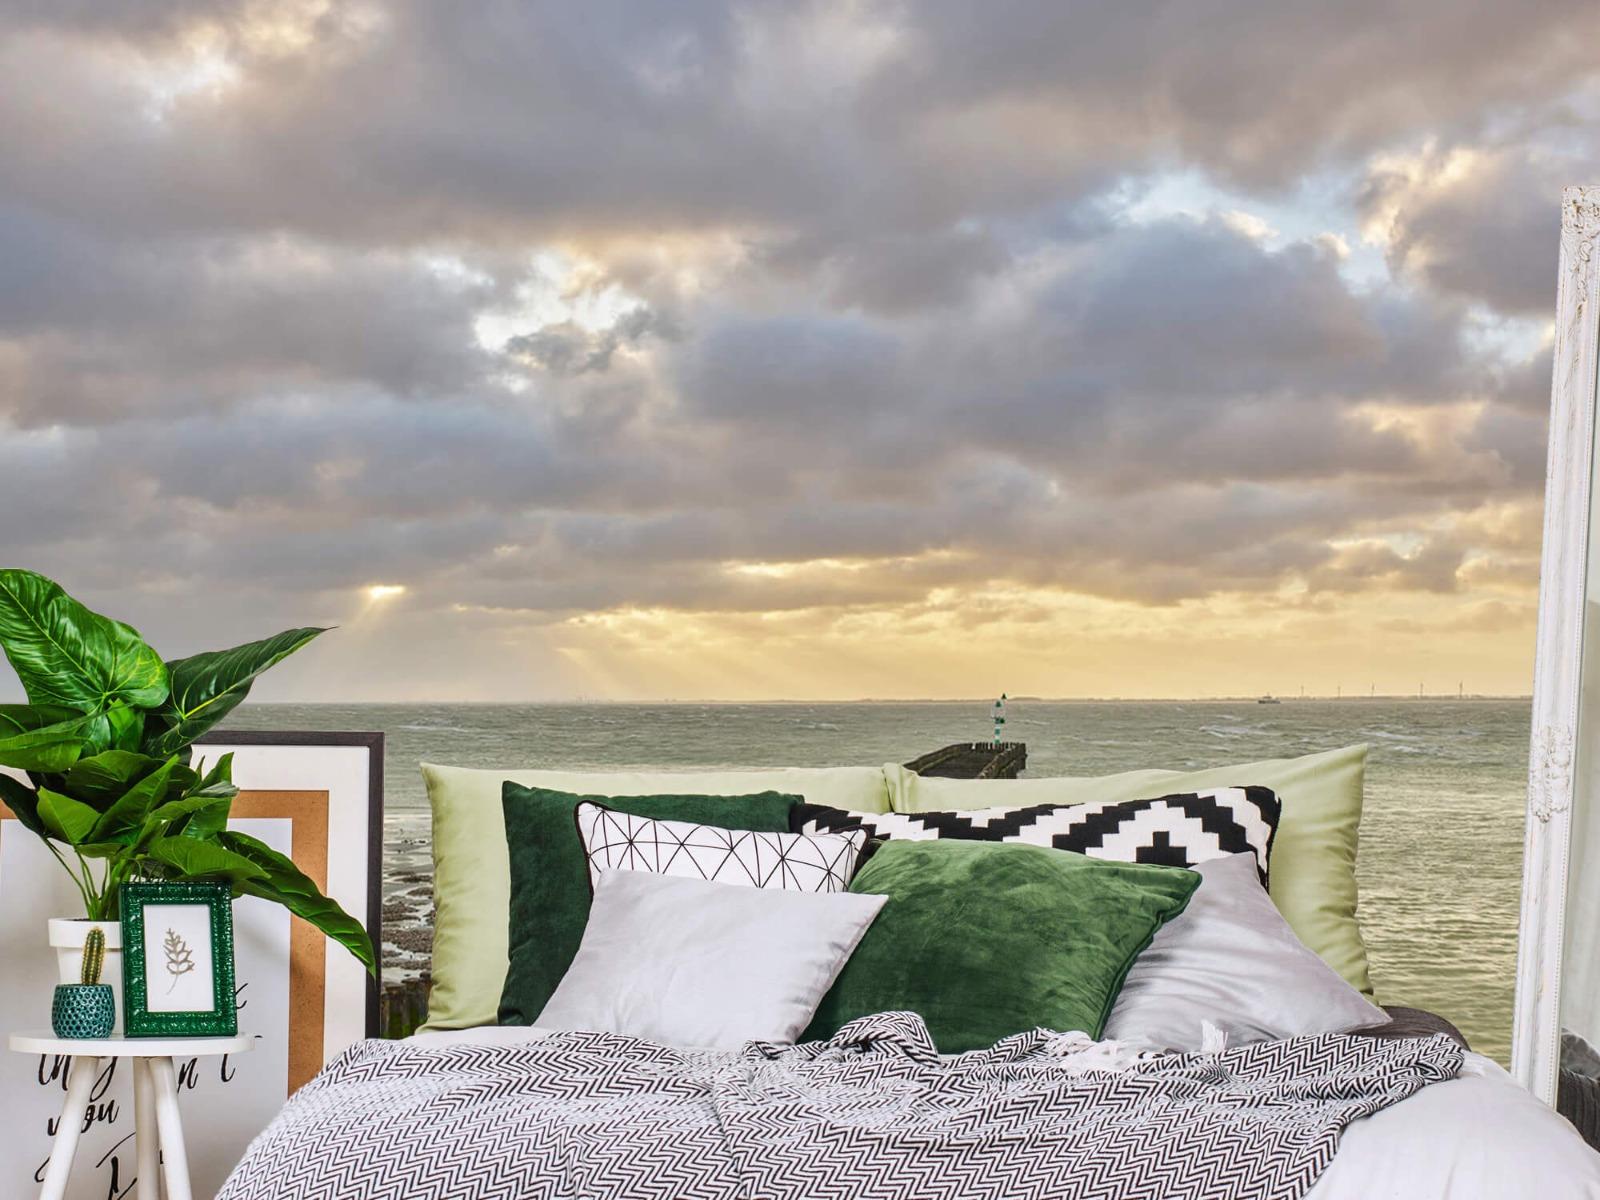 Zeeën en Oceanen - Golfbreker aan de kust - Slaapkamer 12